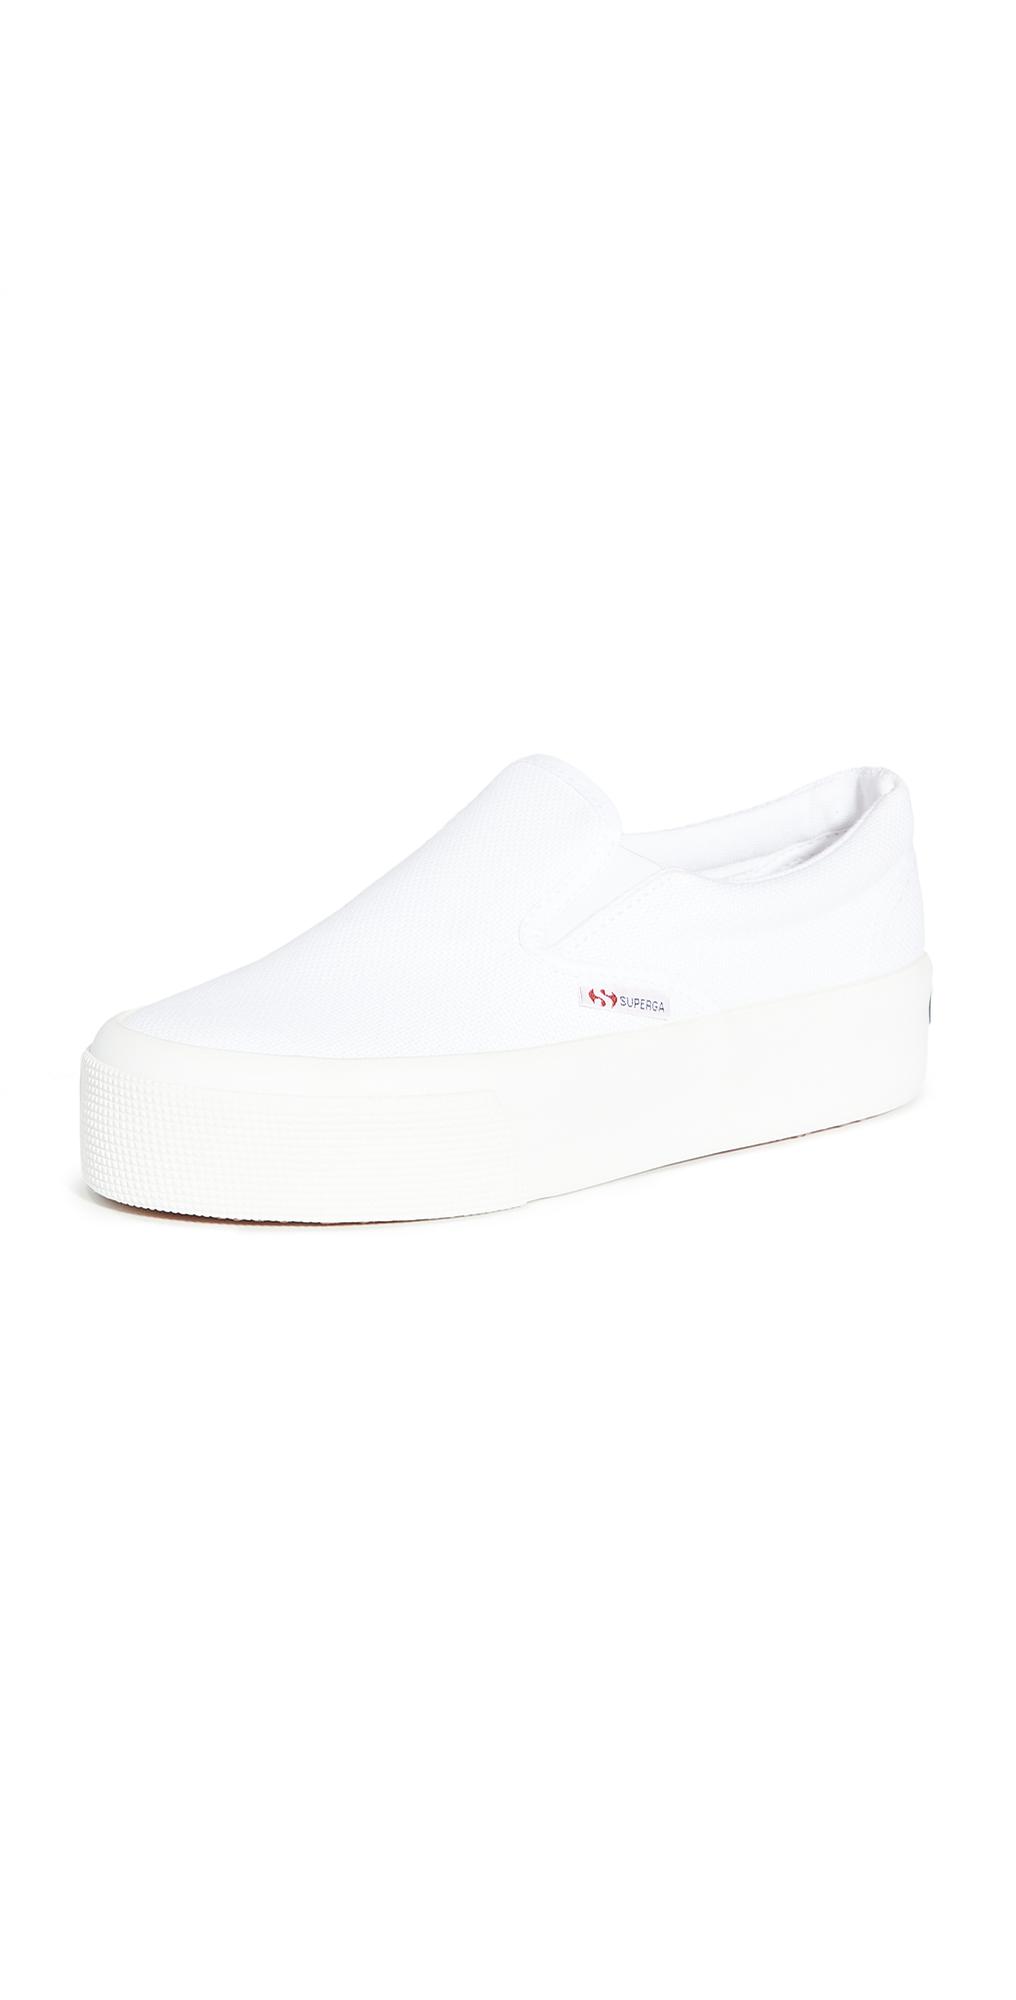 Superga 2306 Cotu Sneakers